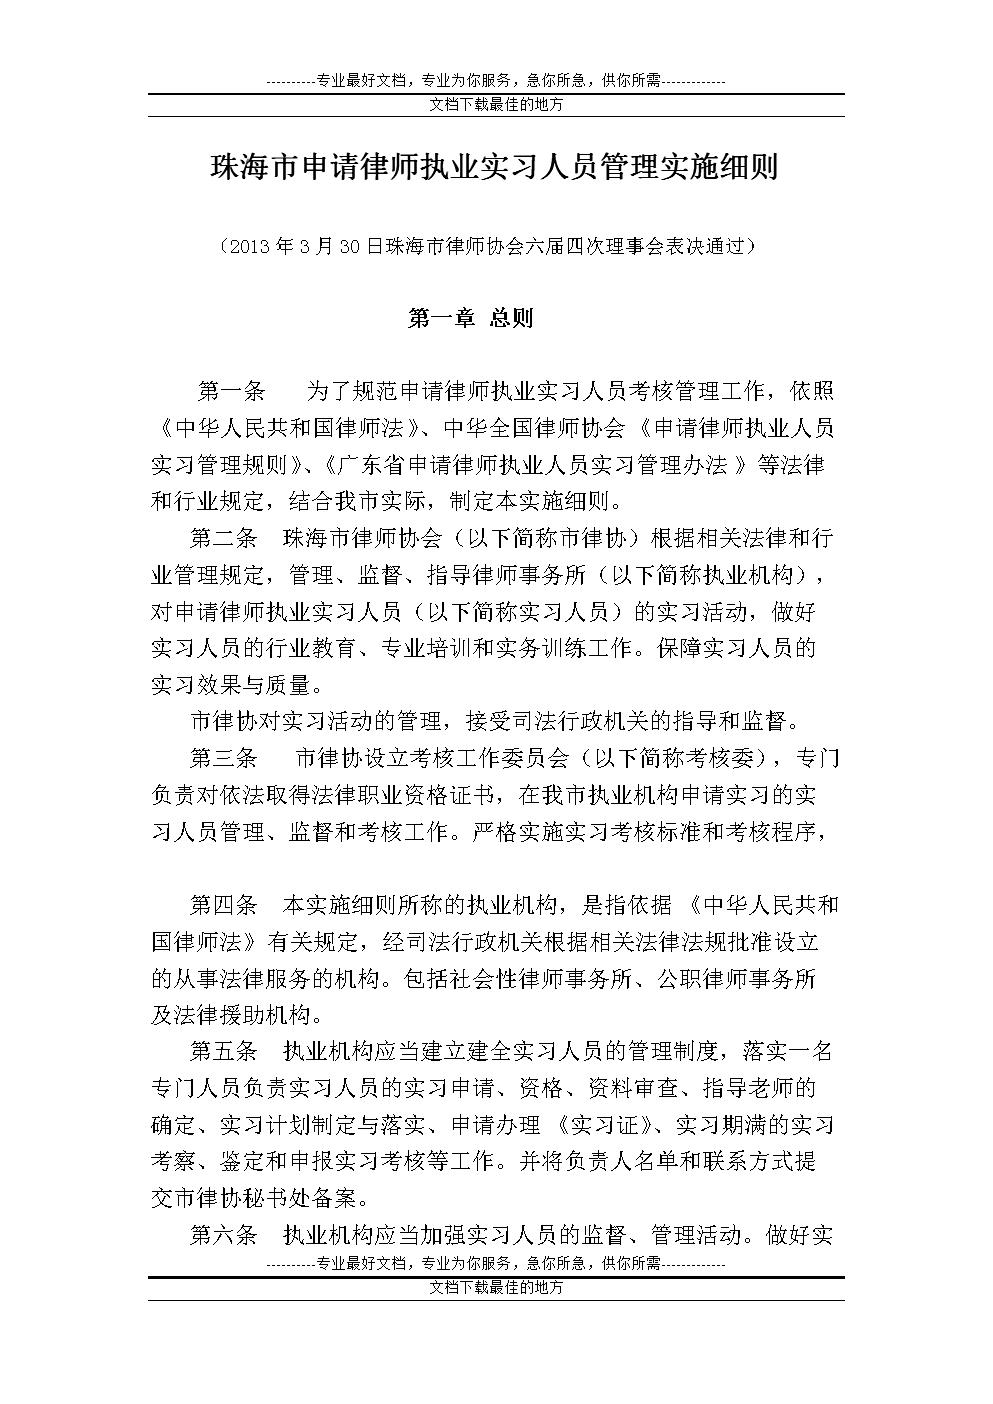 最新珠海市申请律师执业实习人员管理实施细则.doc